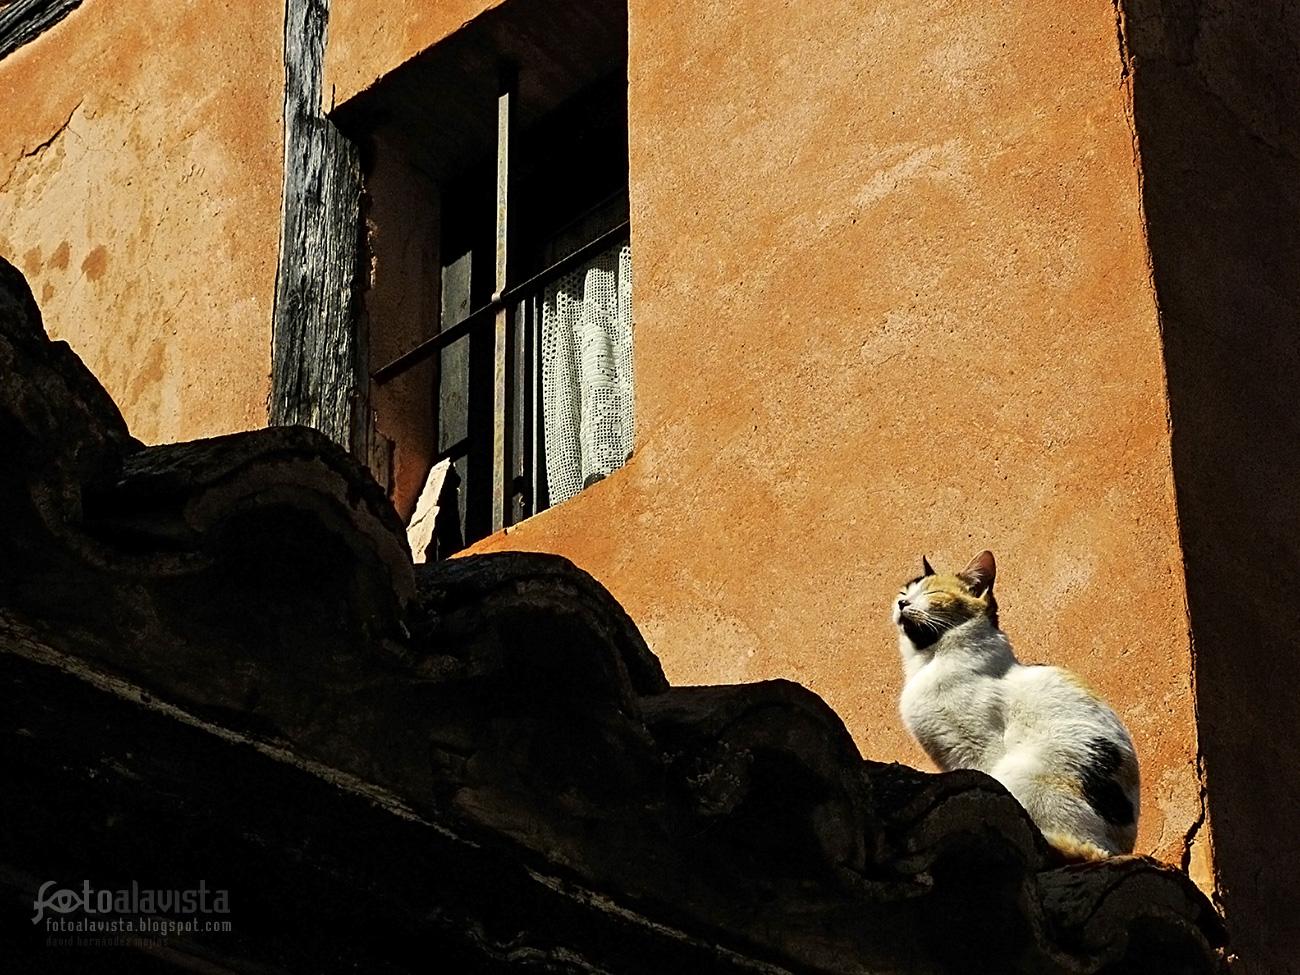 El gato que está tomando el sol en el tejado - Fotografía